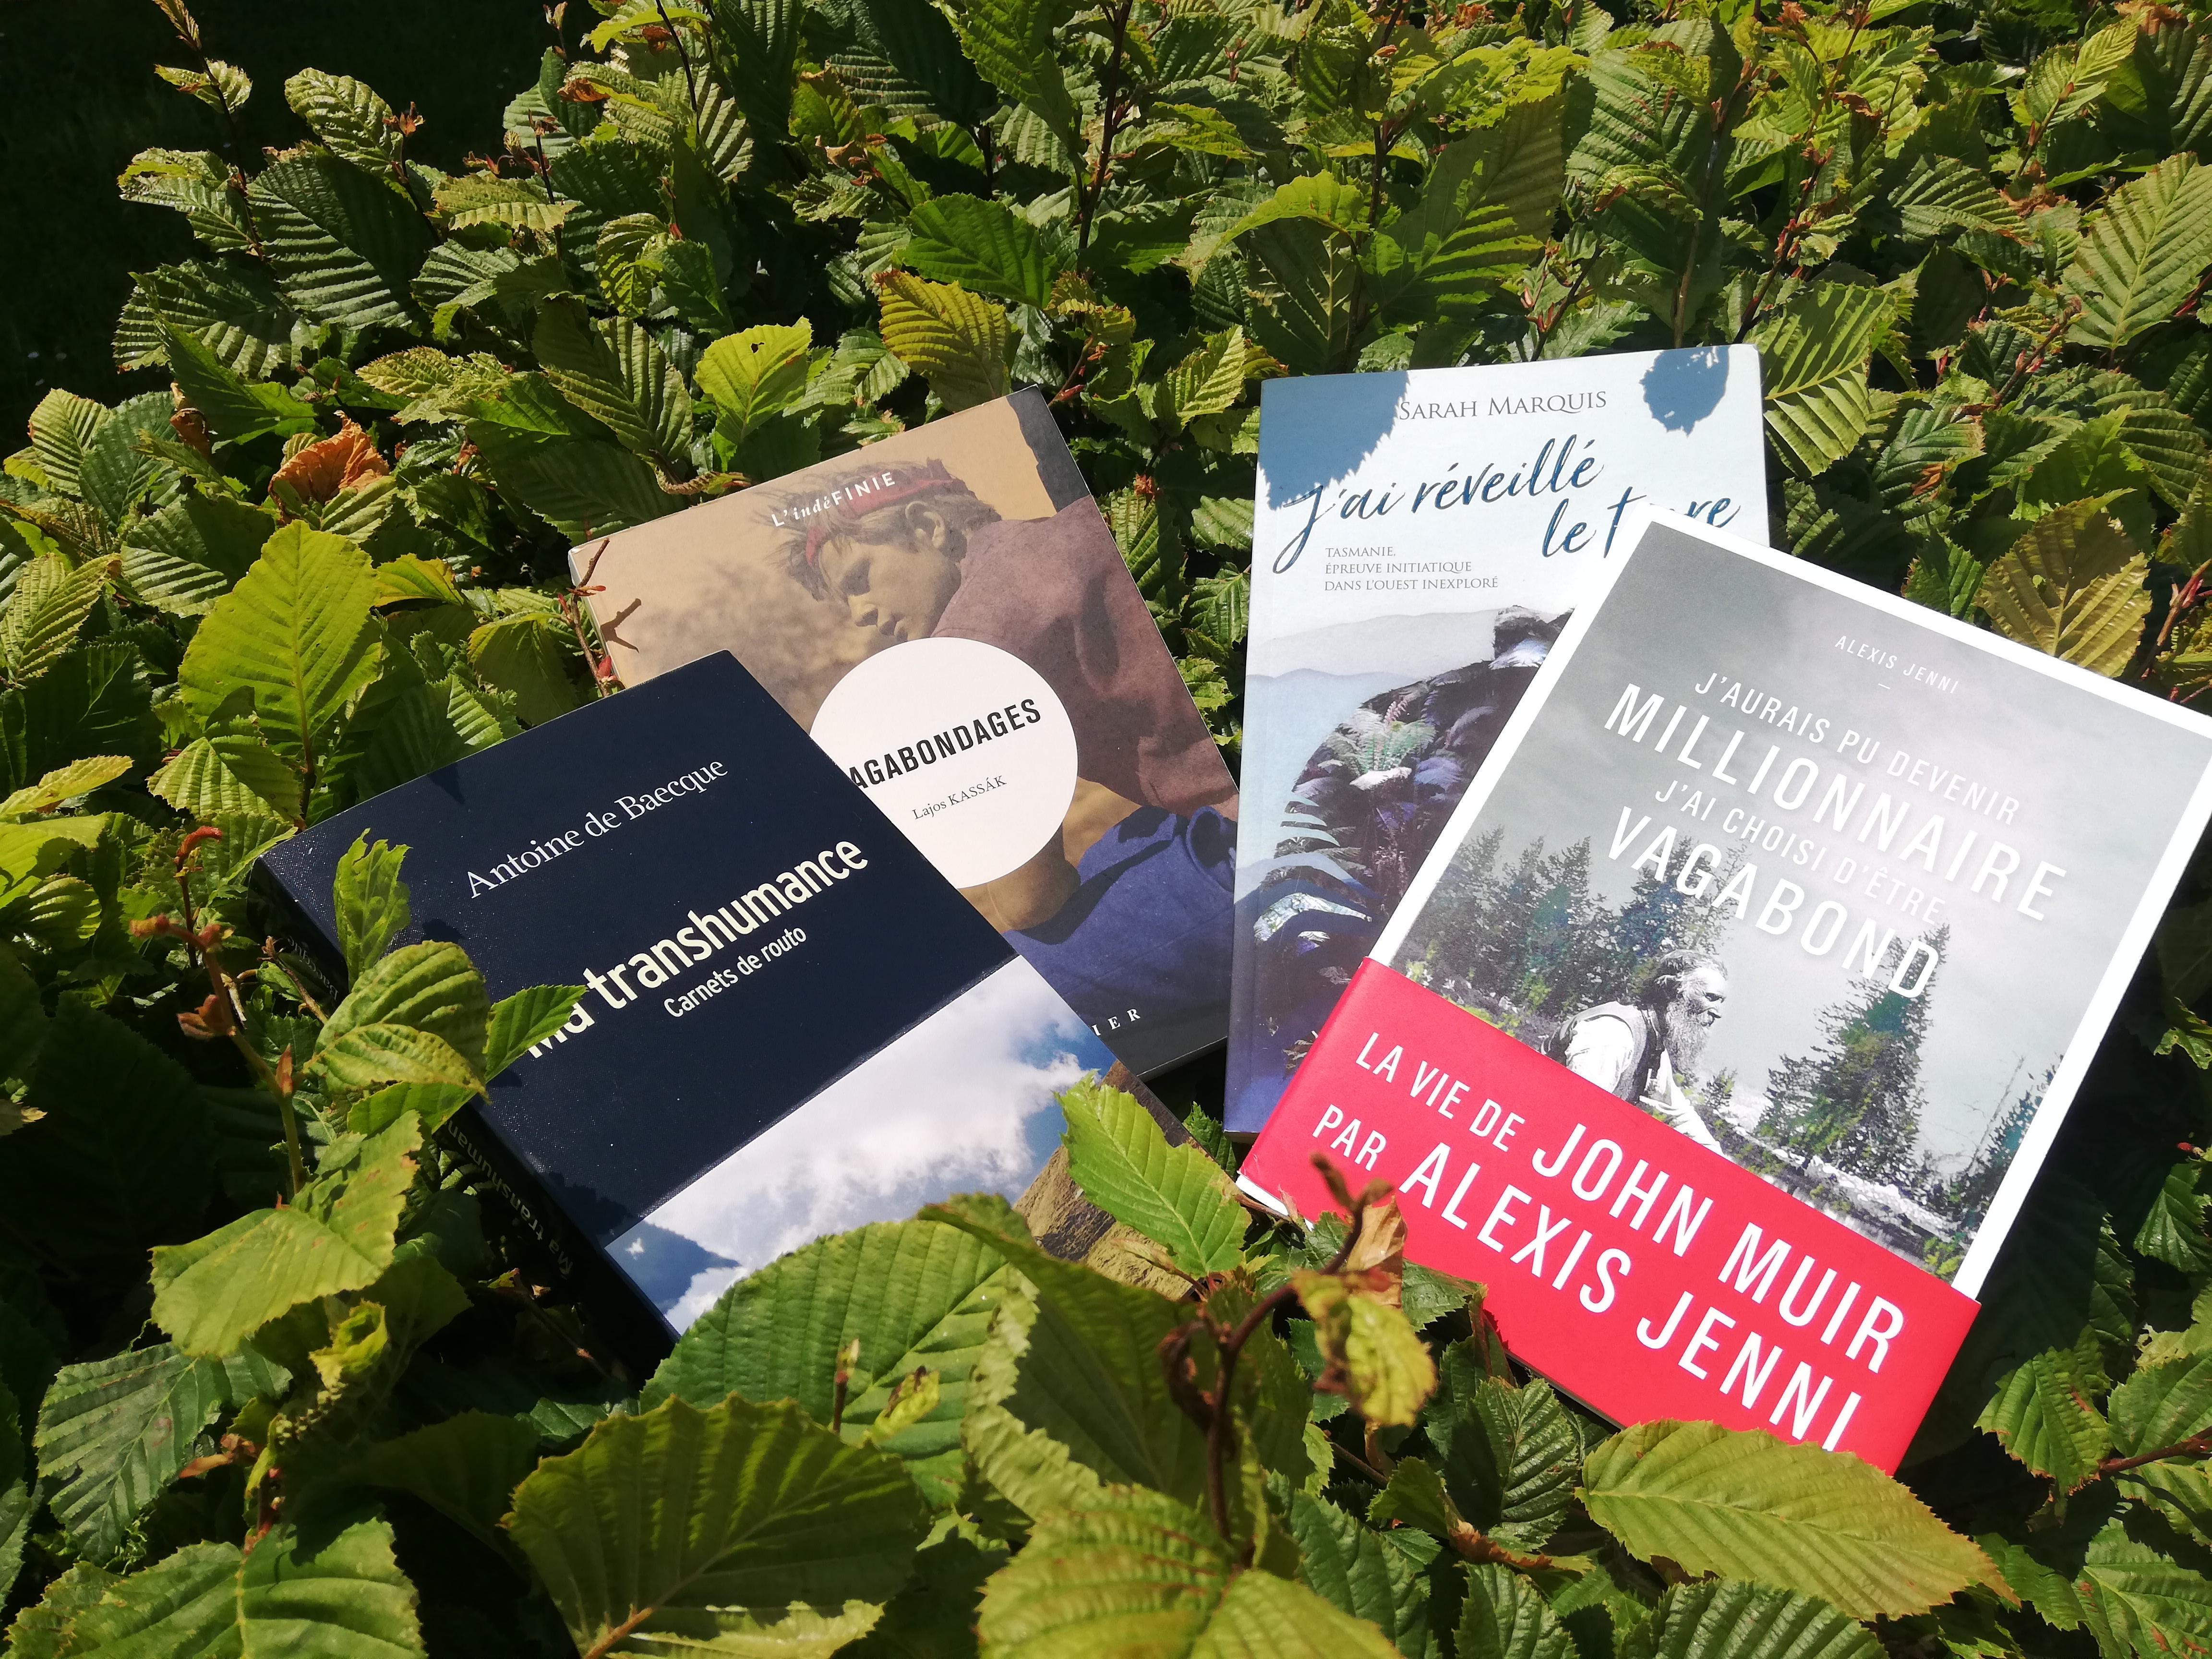 Partis Pour - Quand les livres sont une invitation à la marche. Sarah Marquis, Antoine de Baecque, Alexis Jenni et John Muir, Lajos Kassák